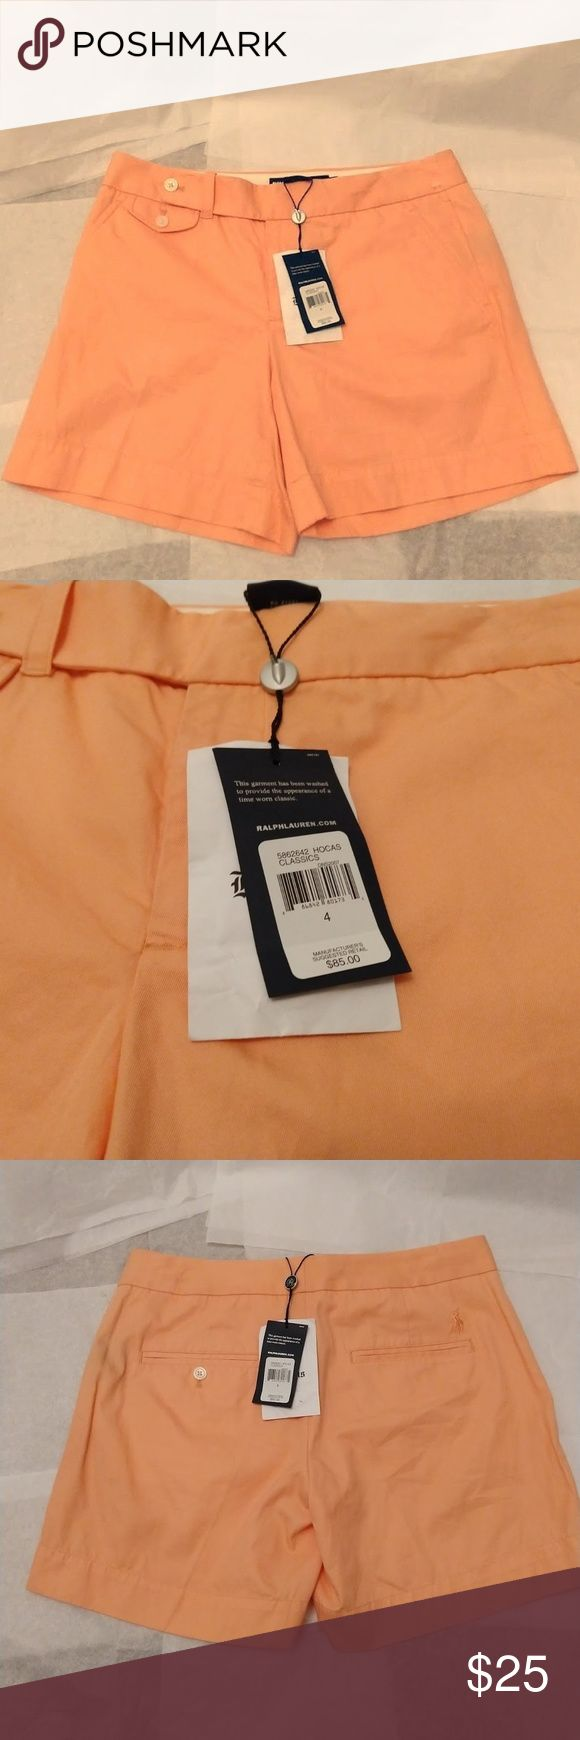 Ralph Lauren Golf Cotton Peach Shorts. New Comfortable Soft Cotton Shorts from Ralph Lauren, in a beautiful peach color. Ralph Lauren Shorts